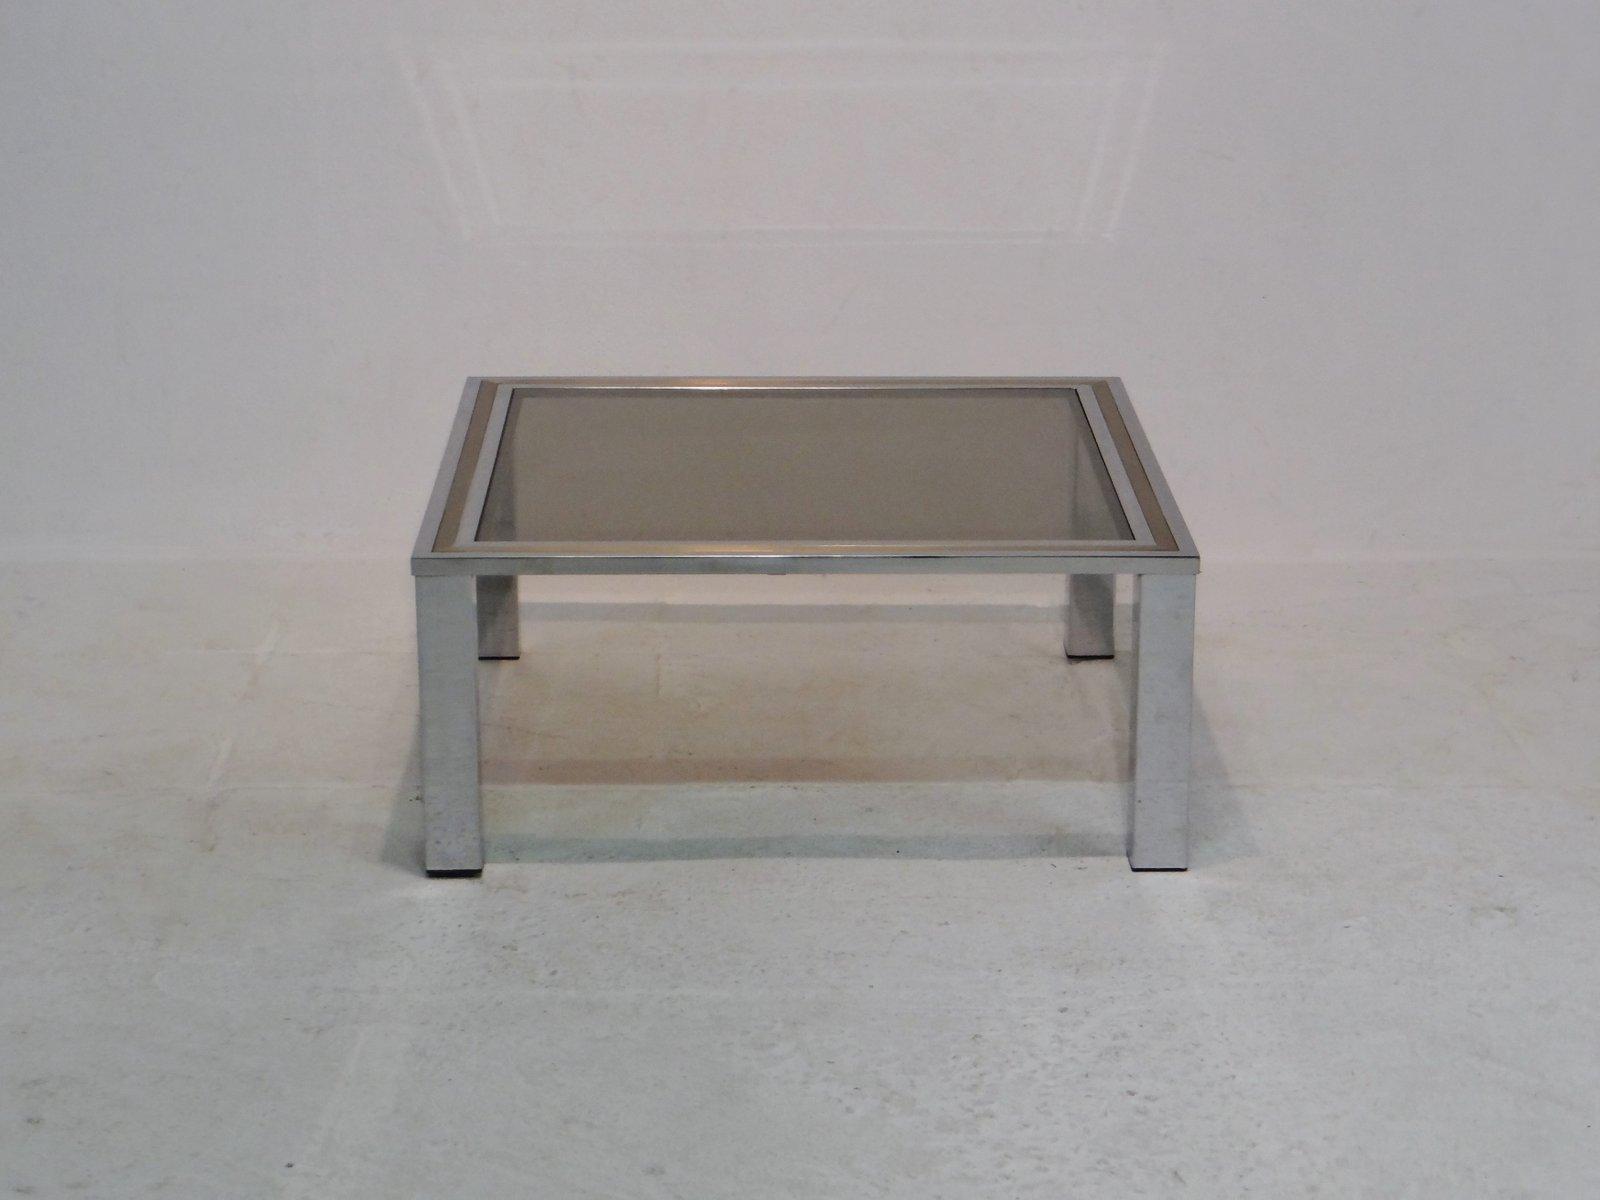 vintage couchtisch mit tischplatte aus rauchglas bei pamono kaufen. Black Bedroom Furniture Sets. Home Design Ideas